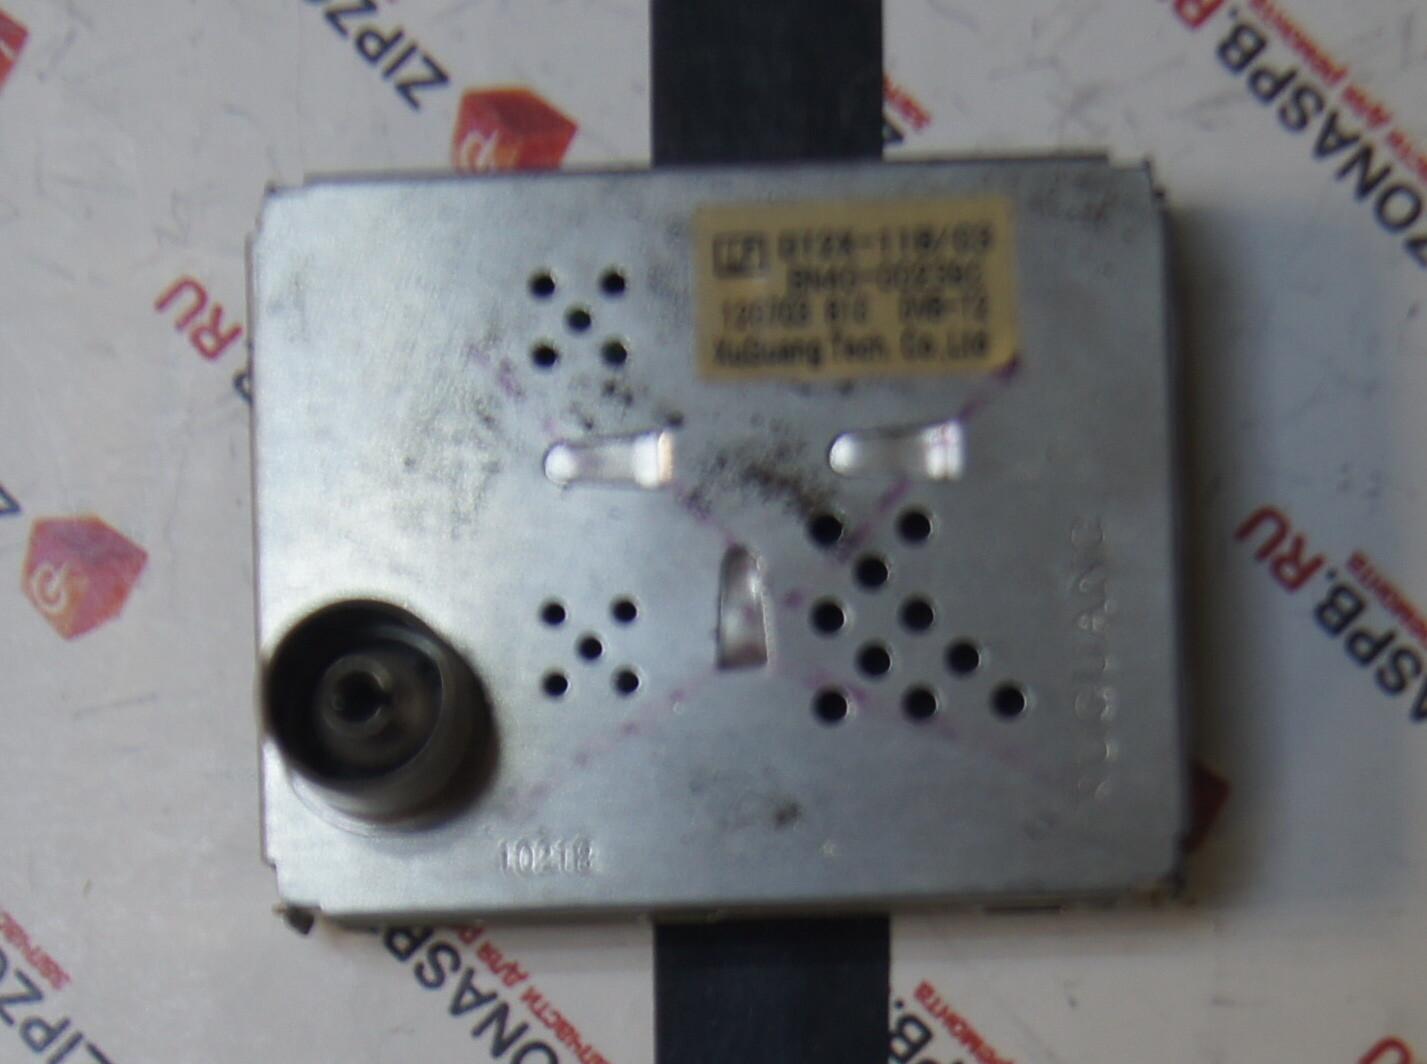 BN40-00239C DT2X-11B/C3